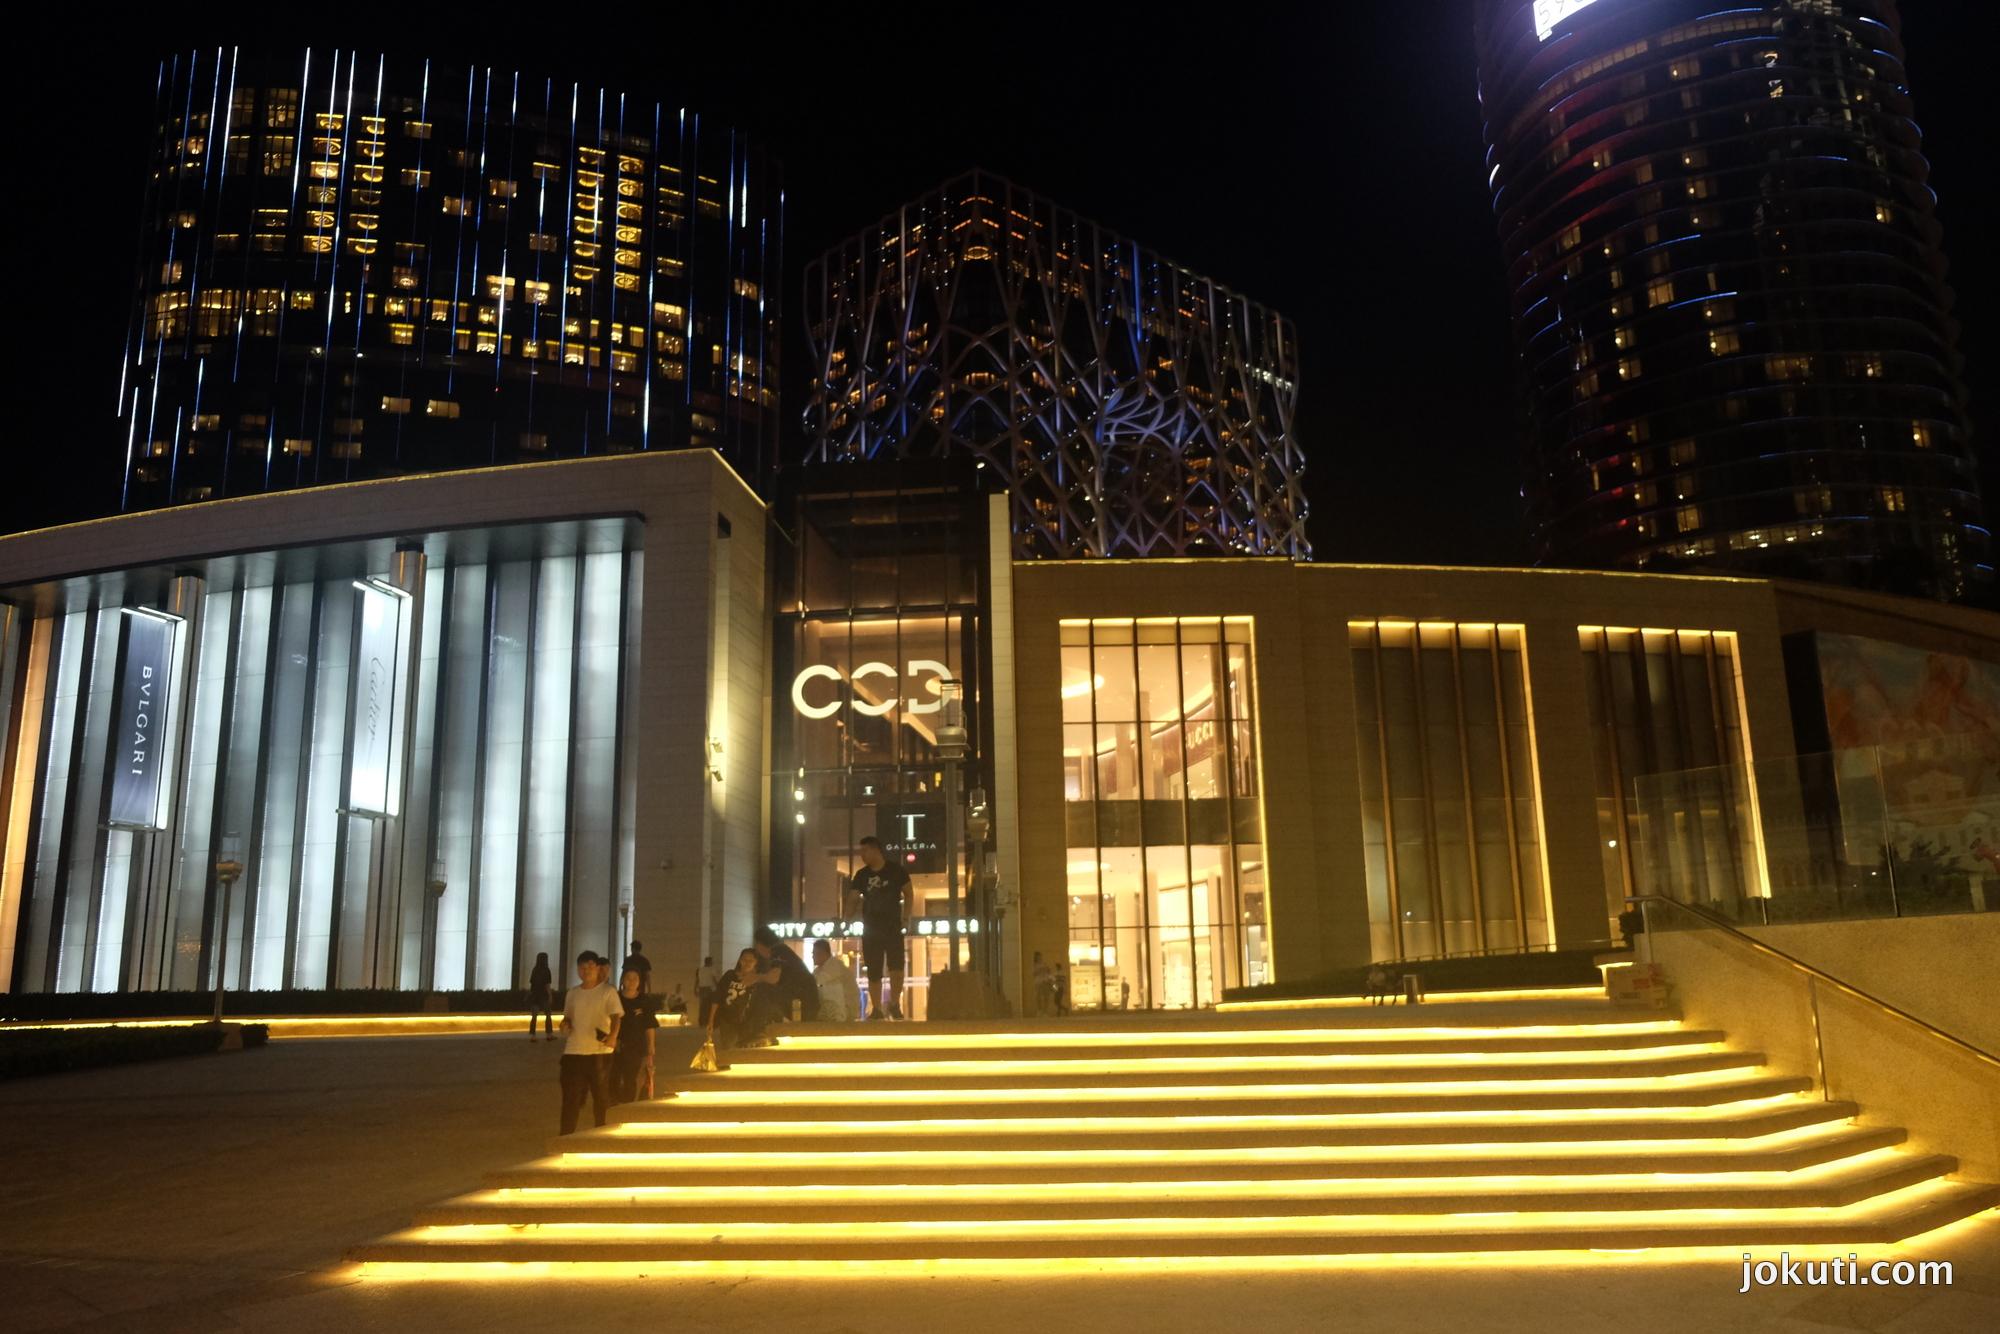 dscf6973_jade_dragon_restaurant_cantonese_chinese_michelin_macau_makao_china_kinai_vilagevo_jokuti.jpg